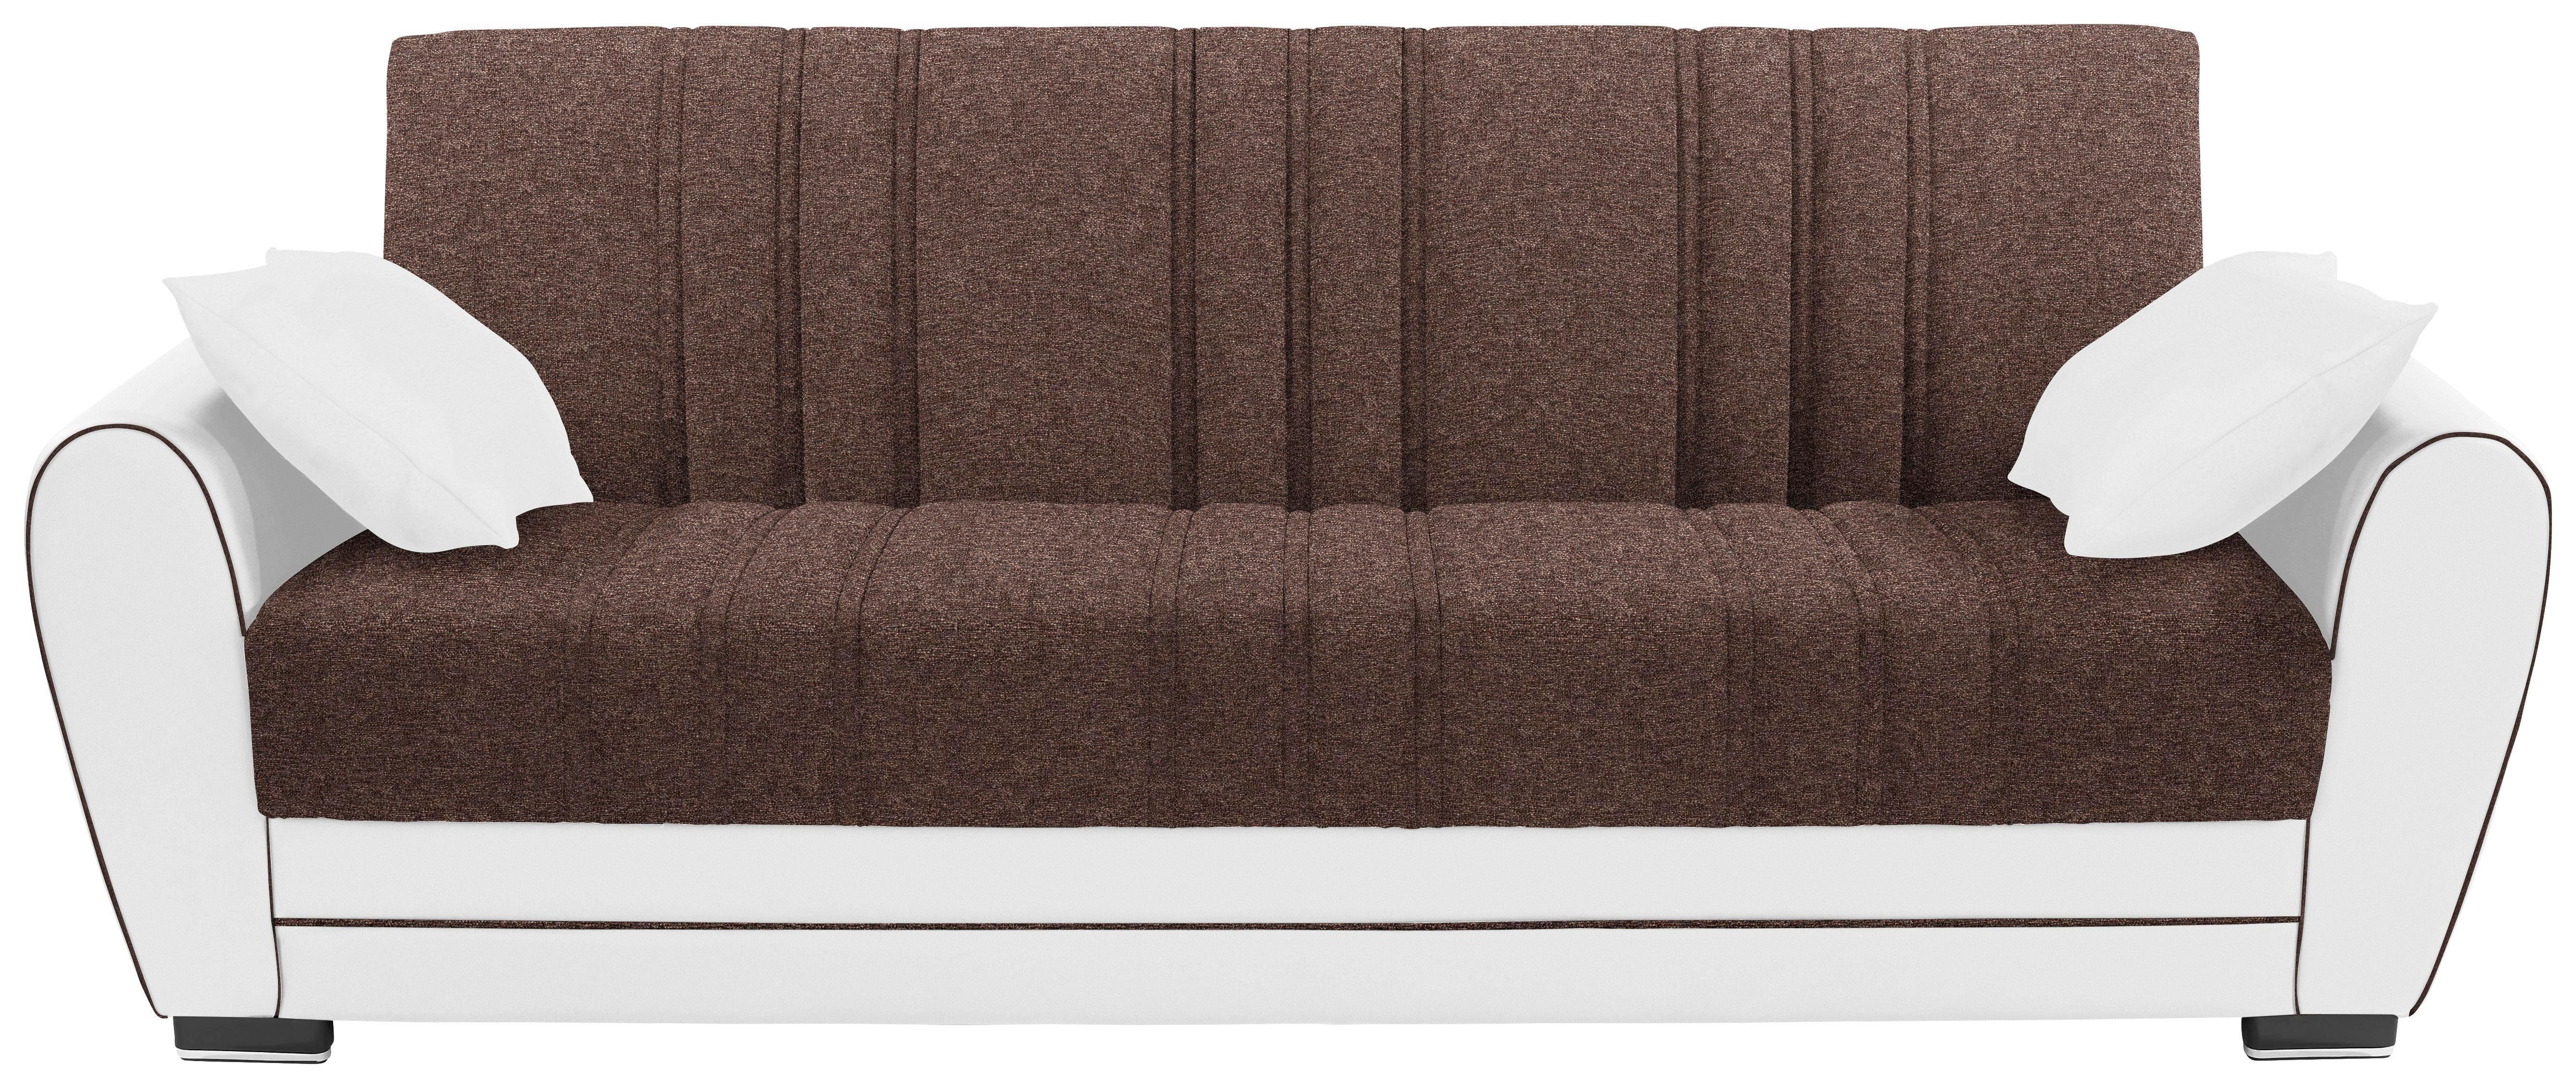 Kanapéágy Pelin - barna/fehér, textil (235/85/90cm) - JAMES WOOD